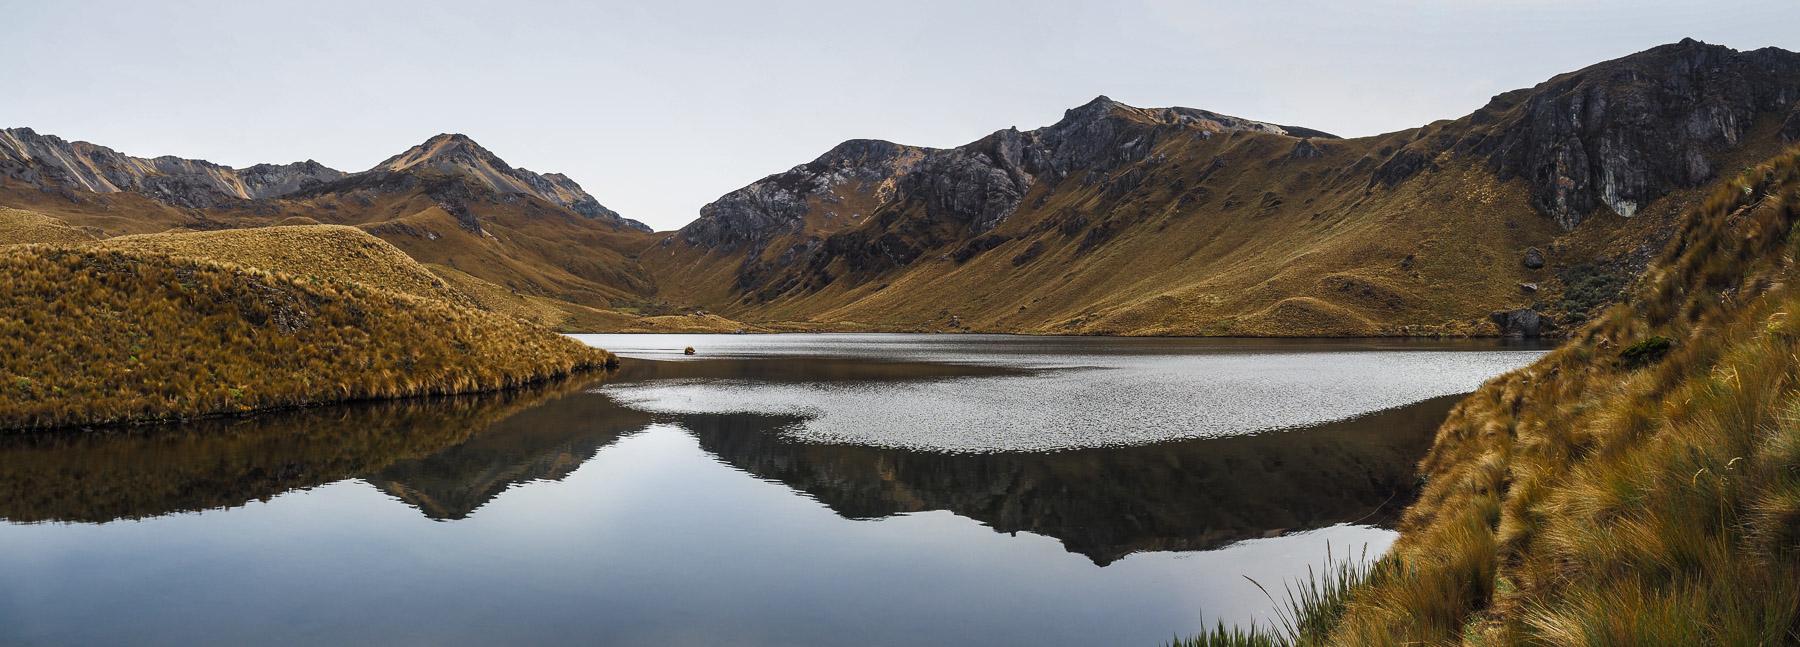 Abstecher in das Hochland zum Nationalpark Cajas